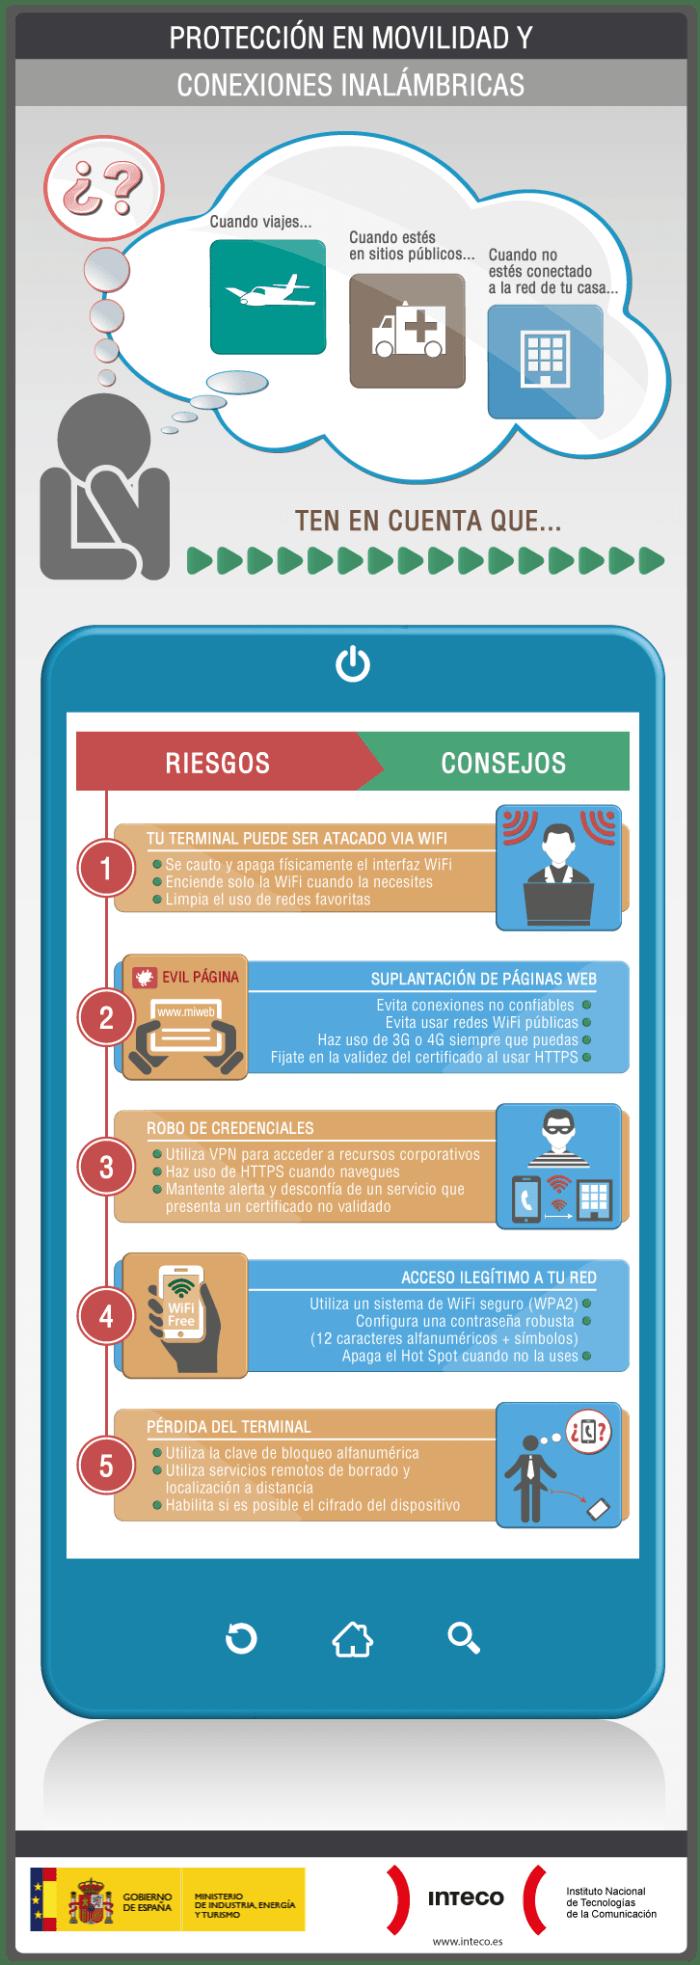 infografia_proteccion_en_movilidad_y_conexiones_inalambricas